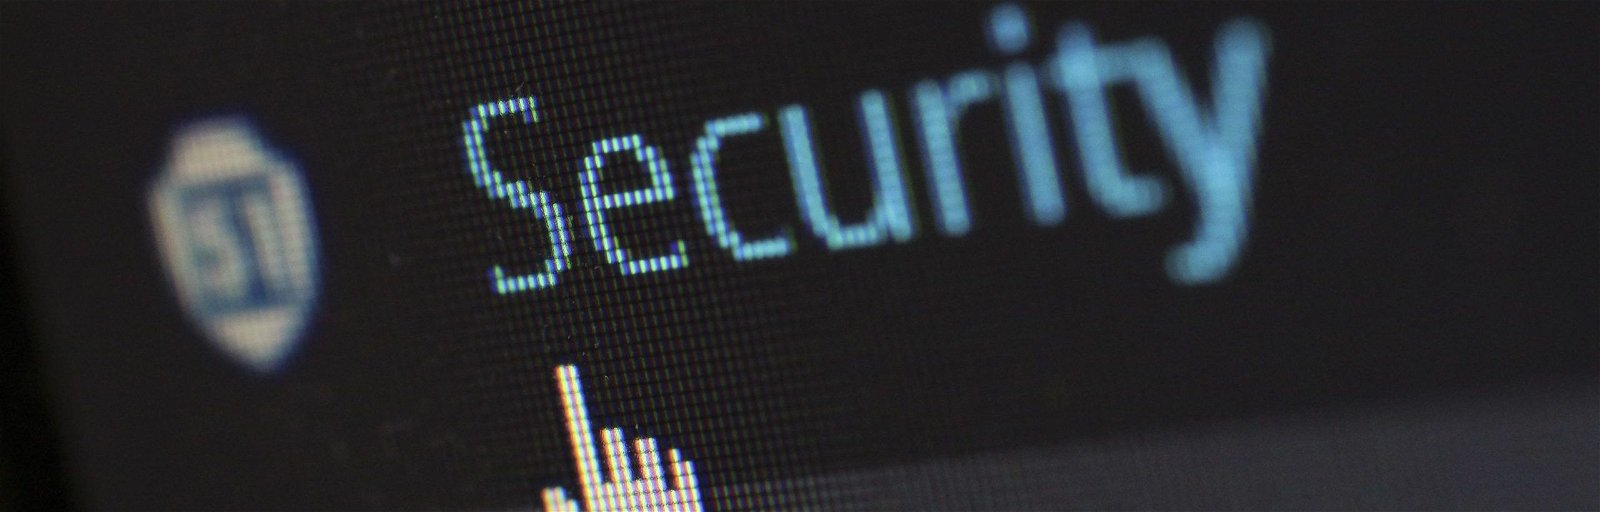 Hoppenbrouwers getroffen door cyberaanval